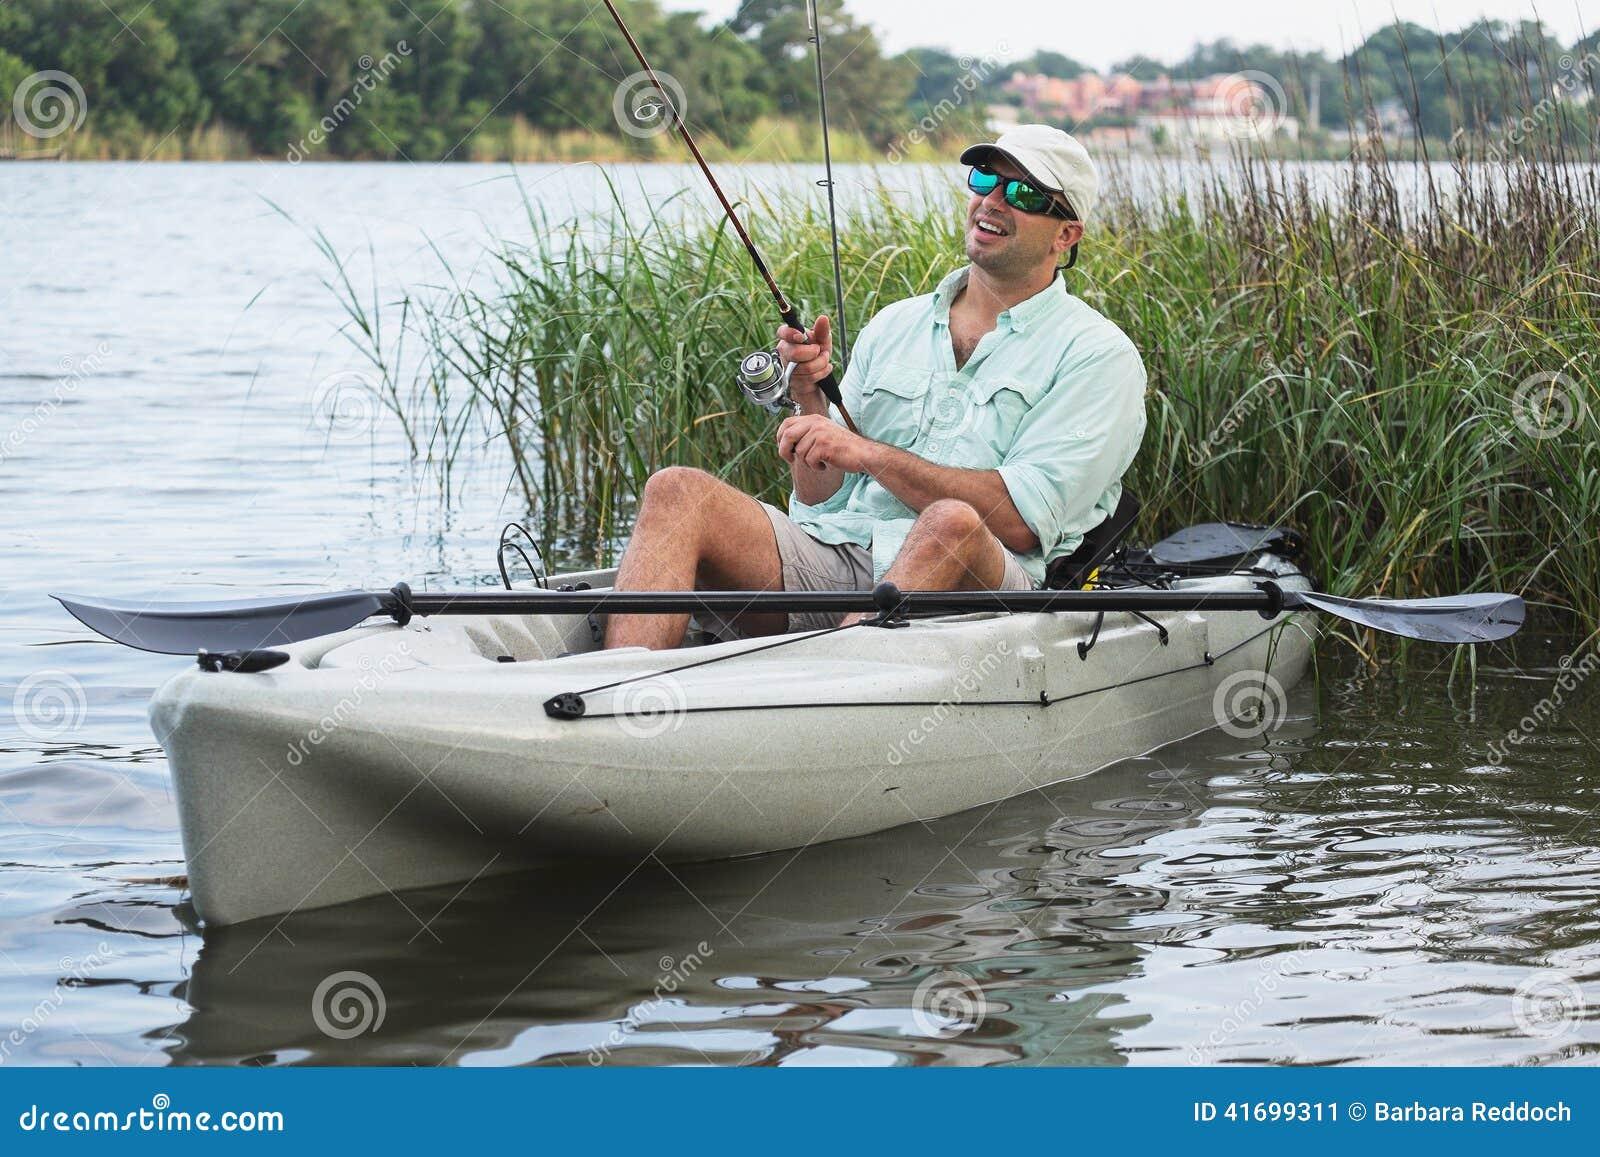 Man Kayak Fishing in Grassy Shallow Water